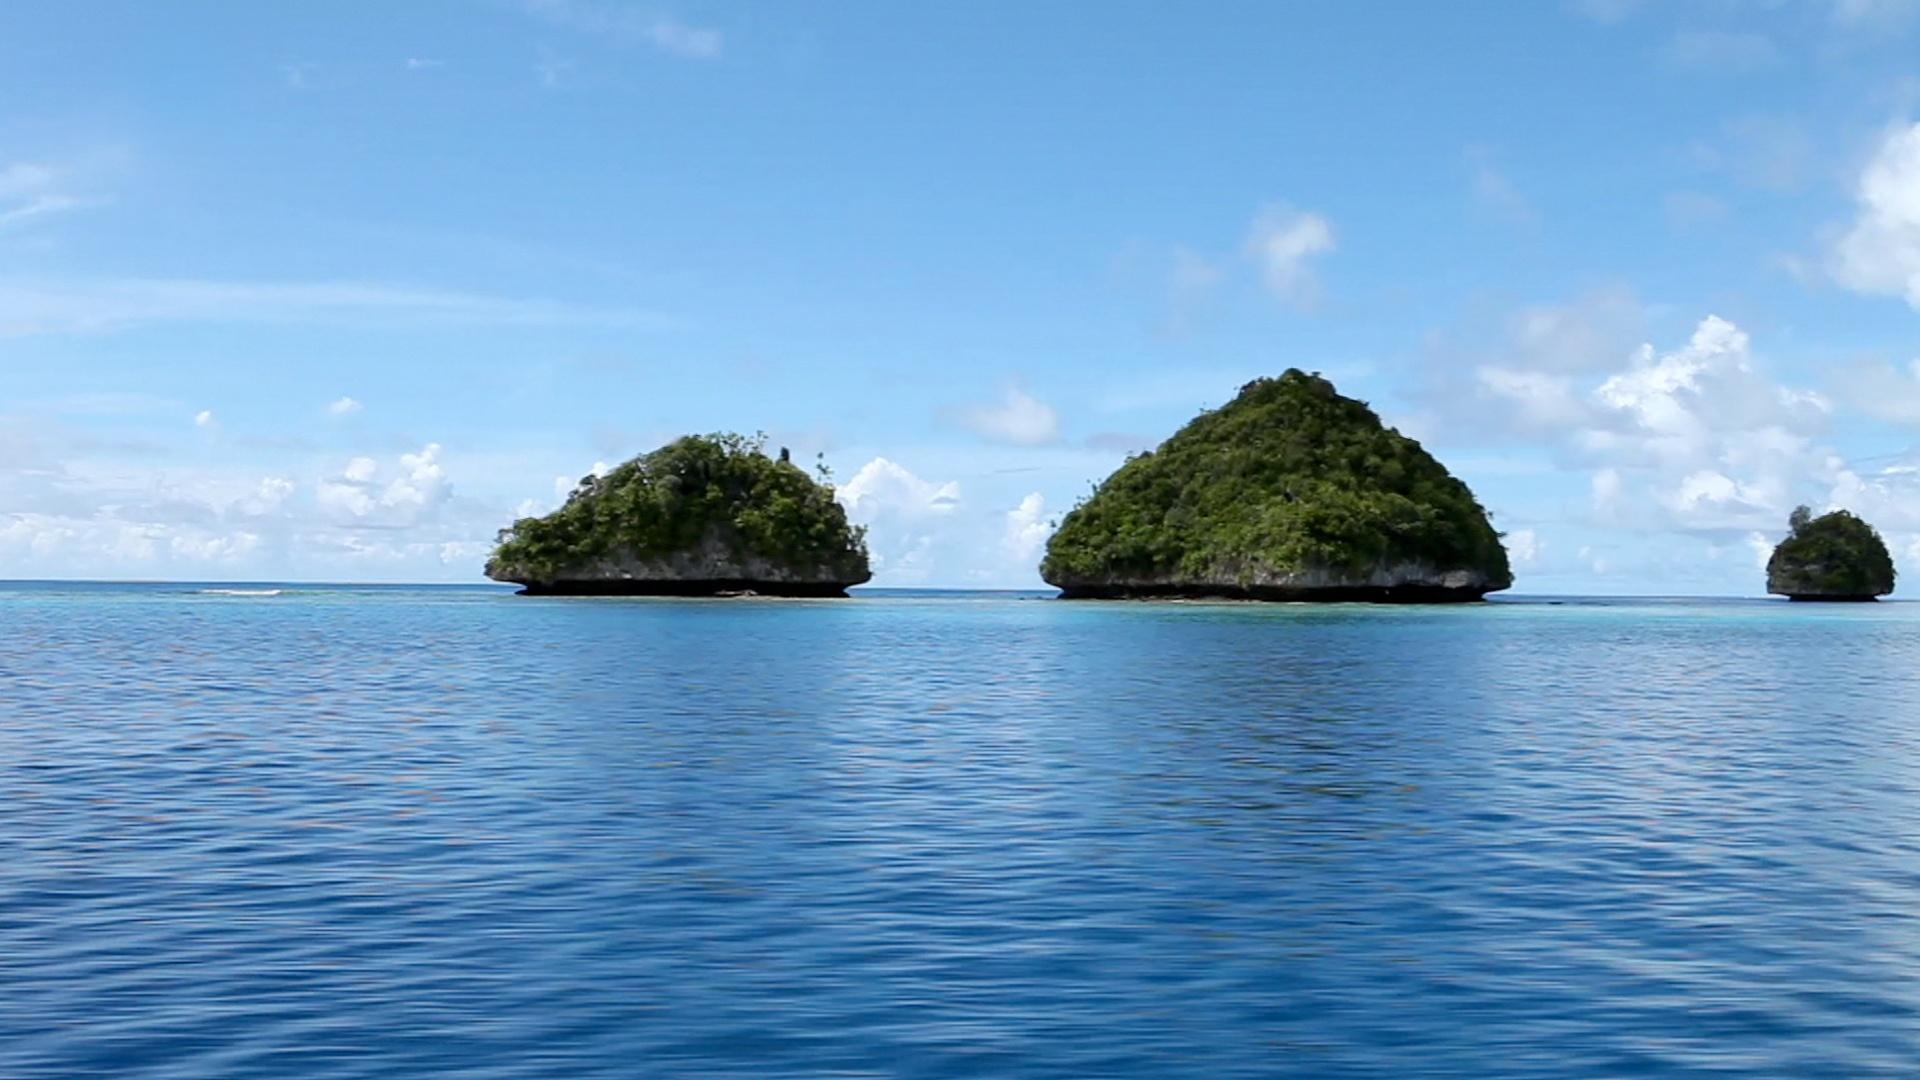 Palau: Paradise lost? image